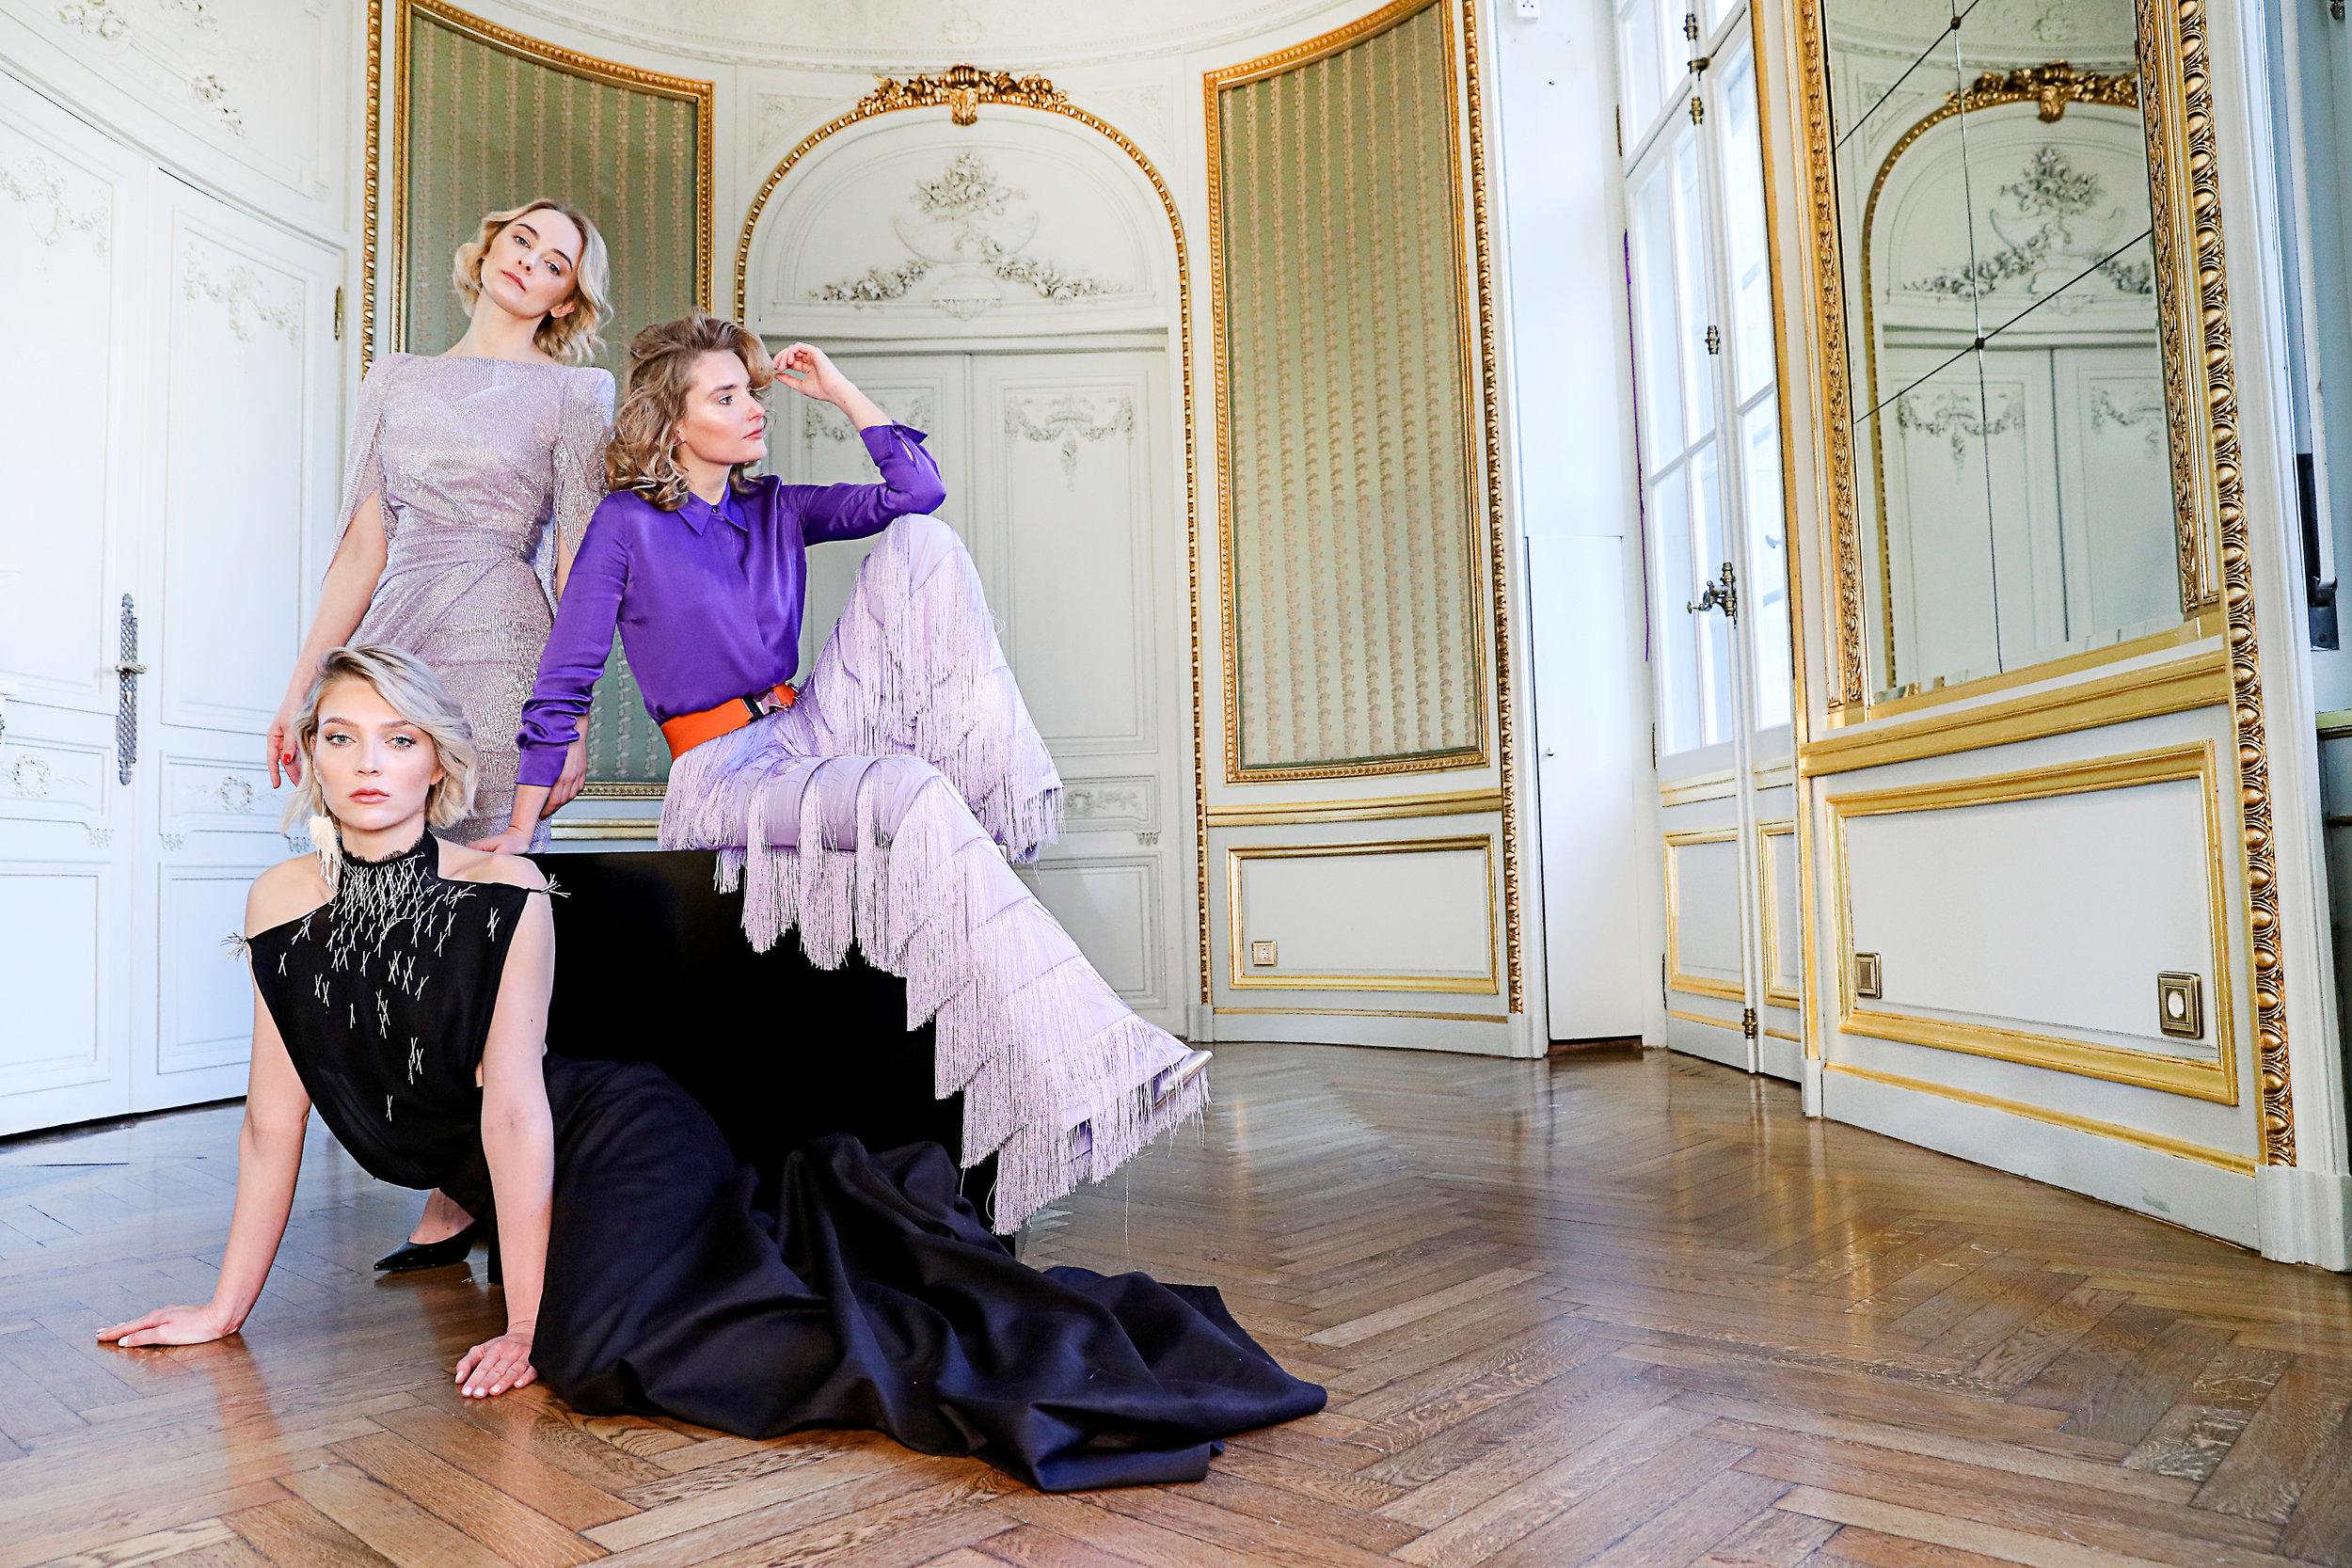 Marie trifft… - Co-Produktion & Styling mit Marie von den BenkenPhoto by Isa.Foltin